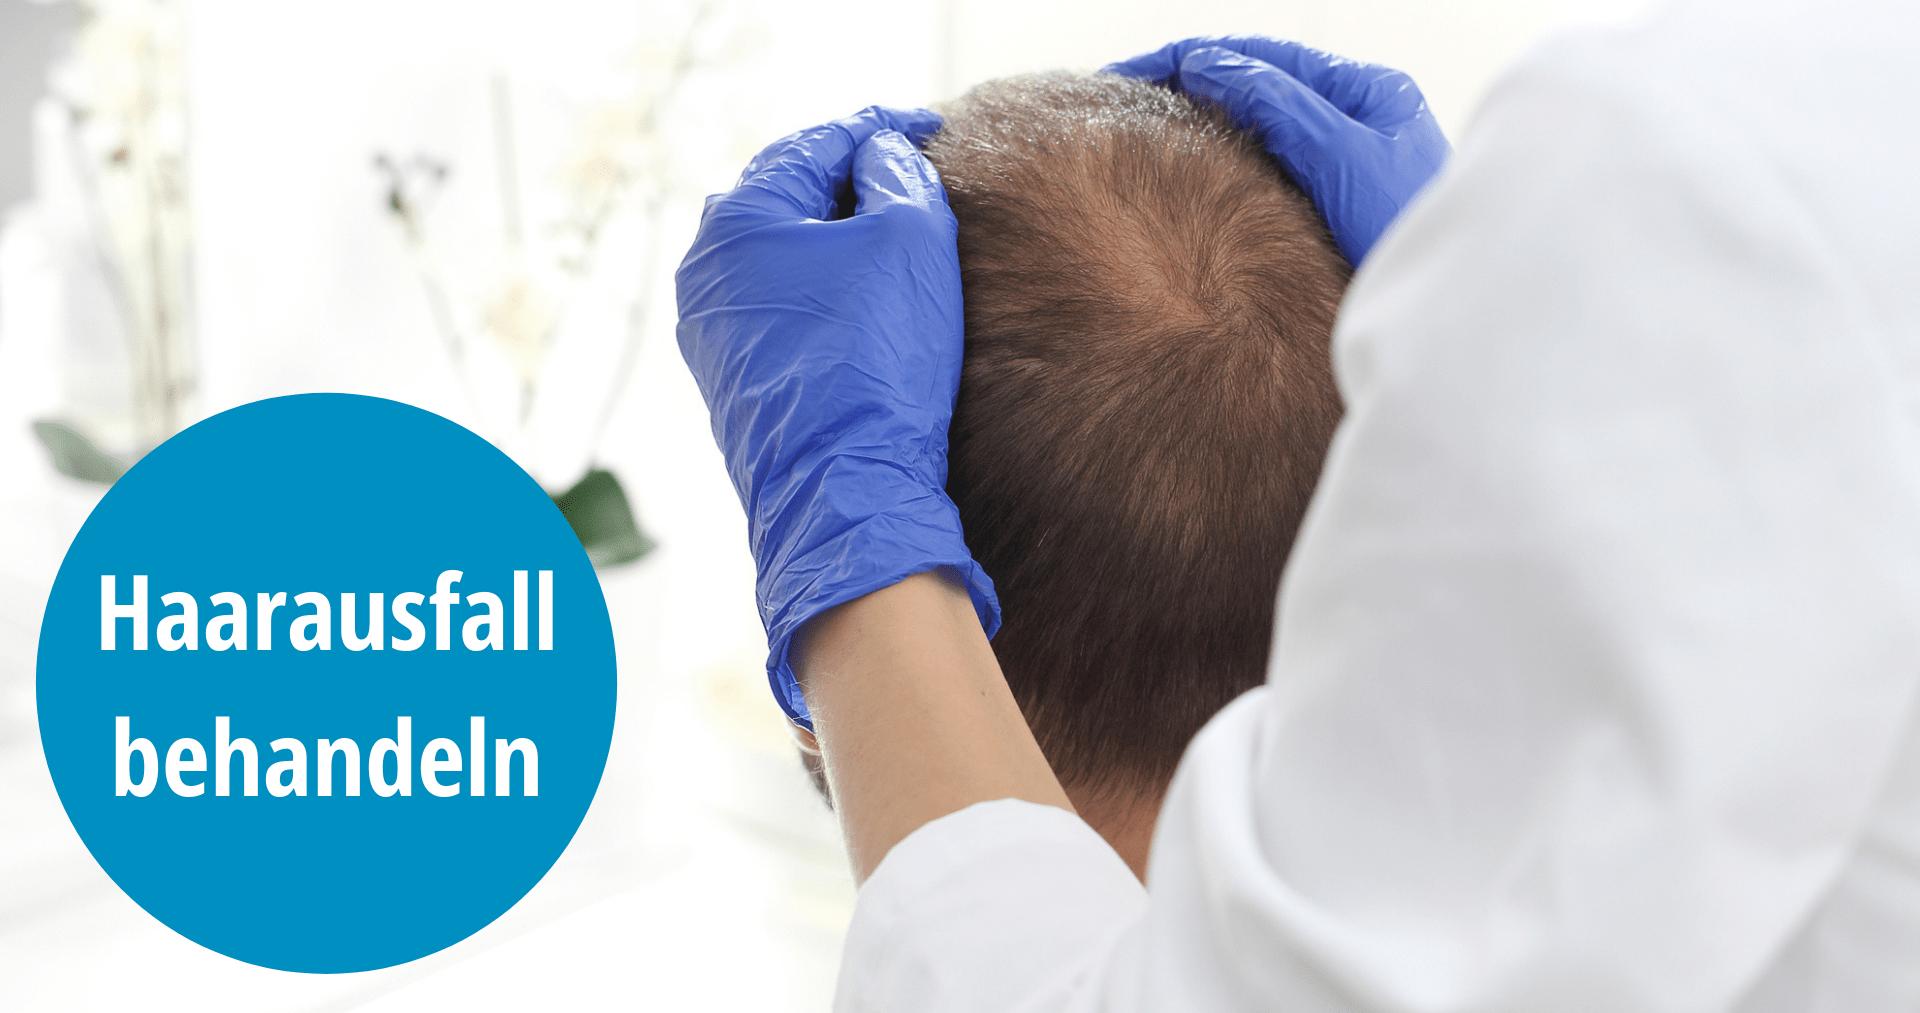 Dermatologe untersucht Kopfhaut des Patienten